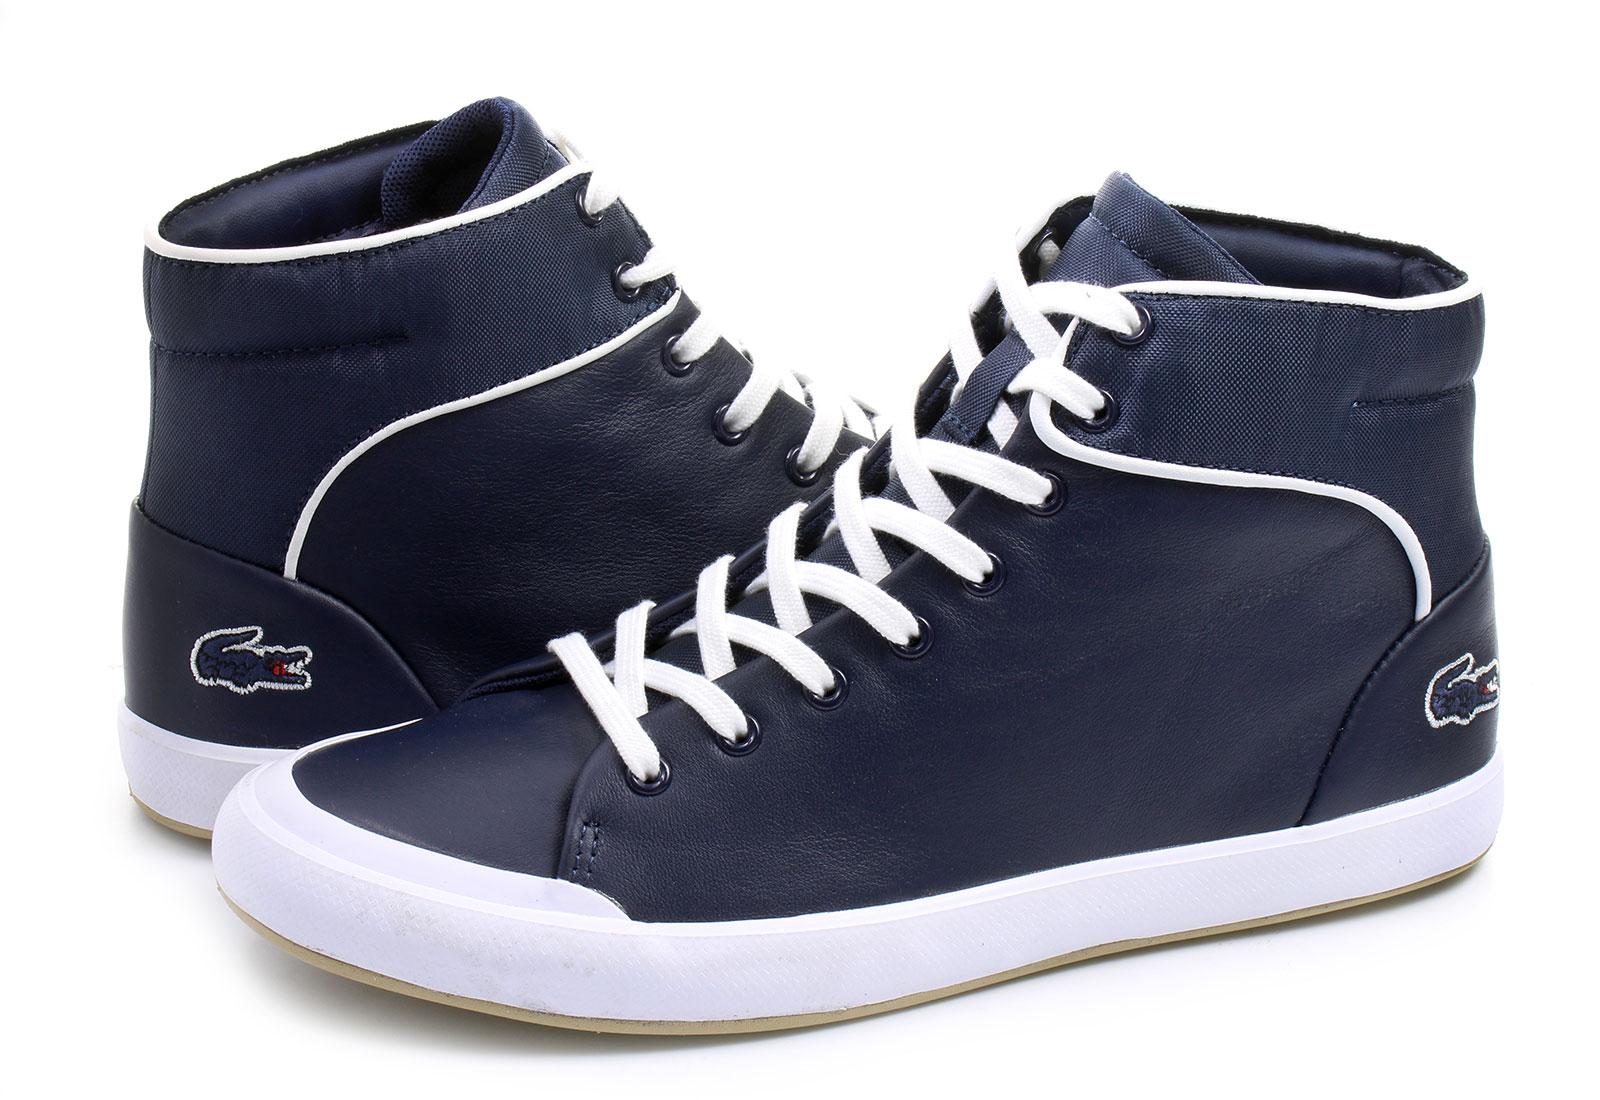 lacoste shoes lancelle hi top 1 163spw0166003